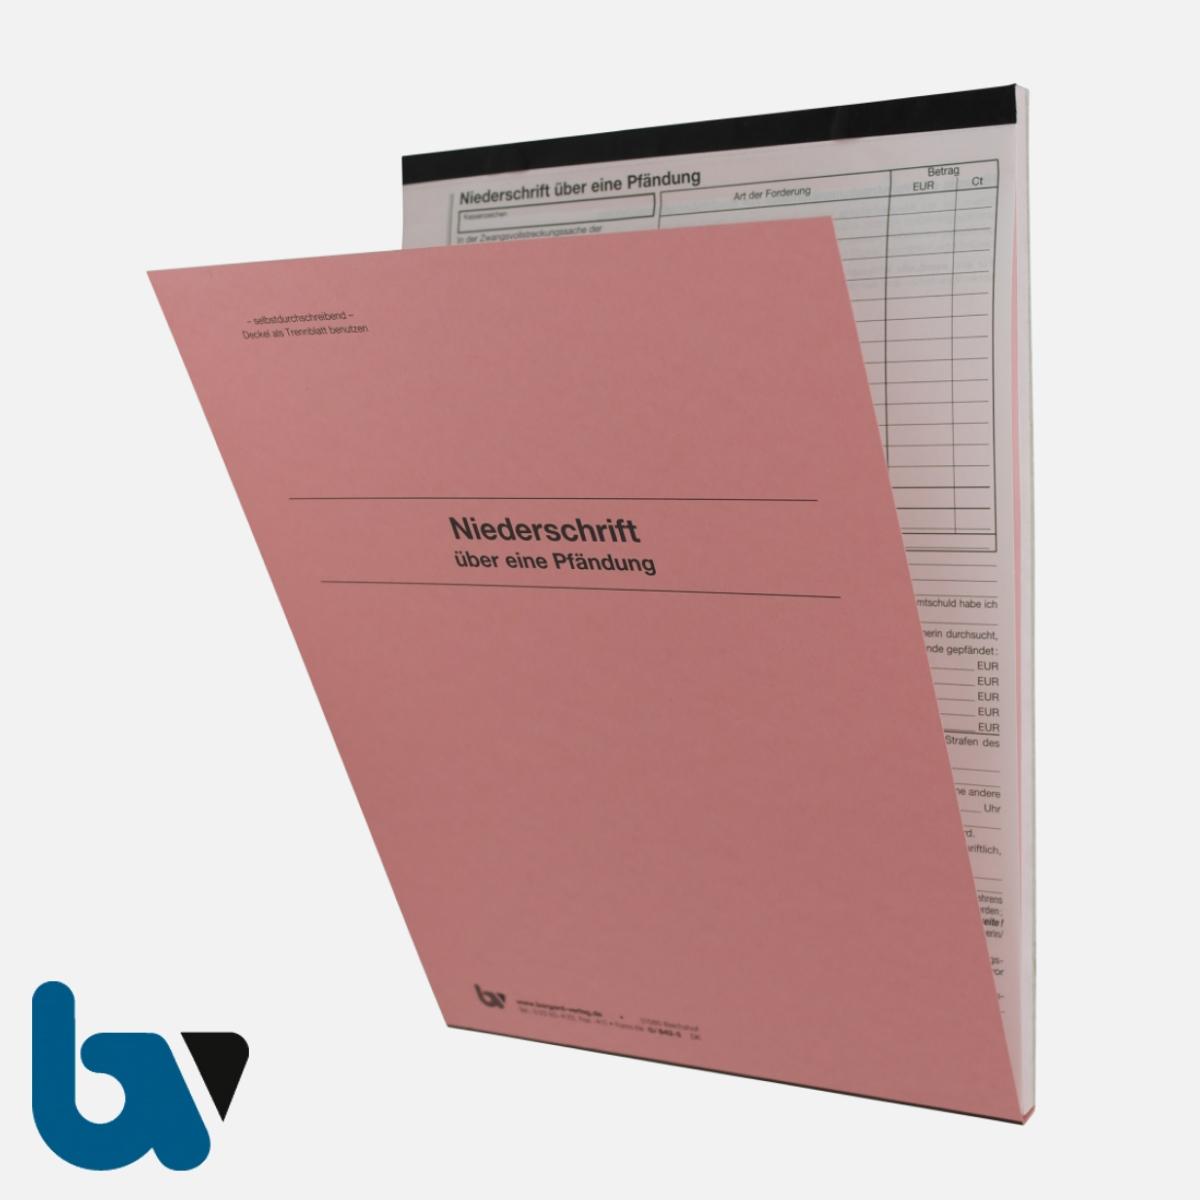 0/842-5 Niederschrift Sach Pfändung Vollstreckung Einschlagdeckel Durchschreibeschutz Schreibschutzdeckel perforiert 2-fach selbstdurchschreibend DIN A4 Außen | Borgard Verlag GmbH